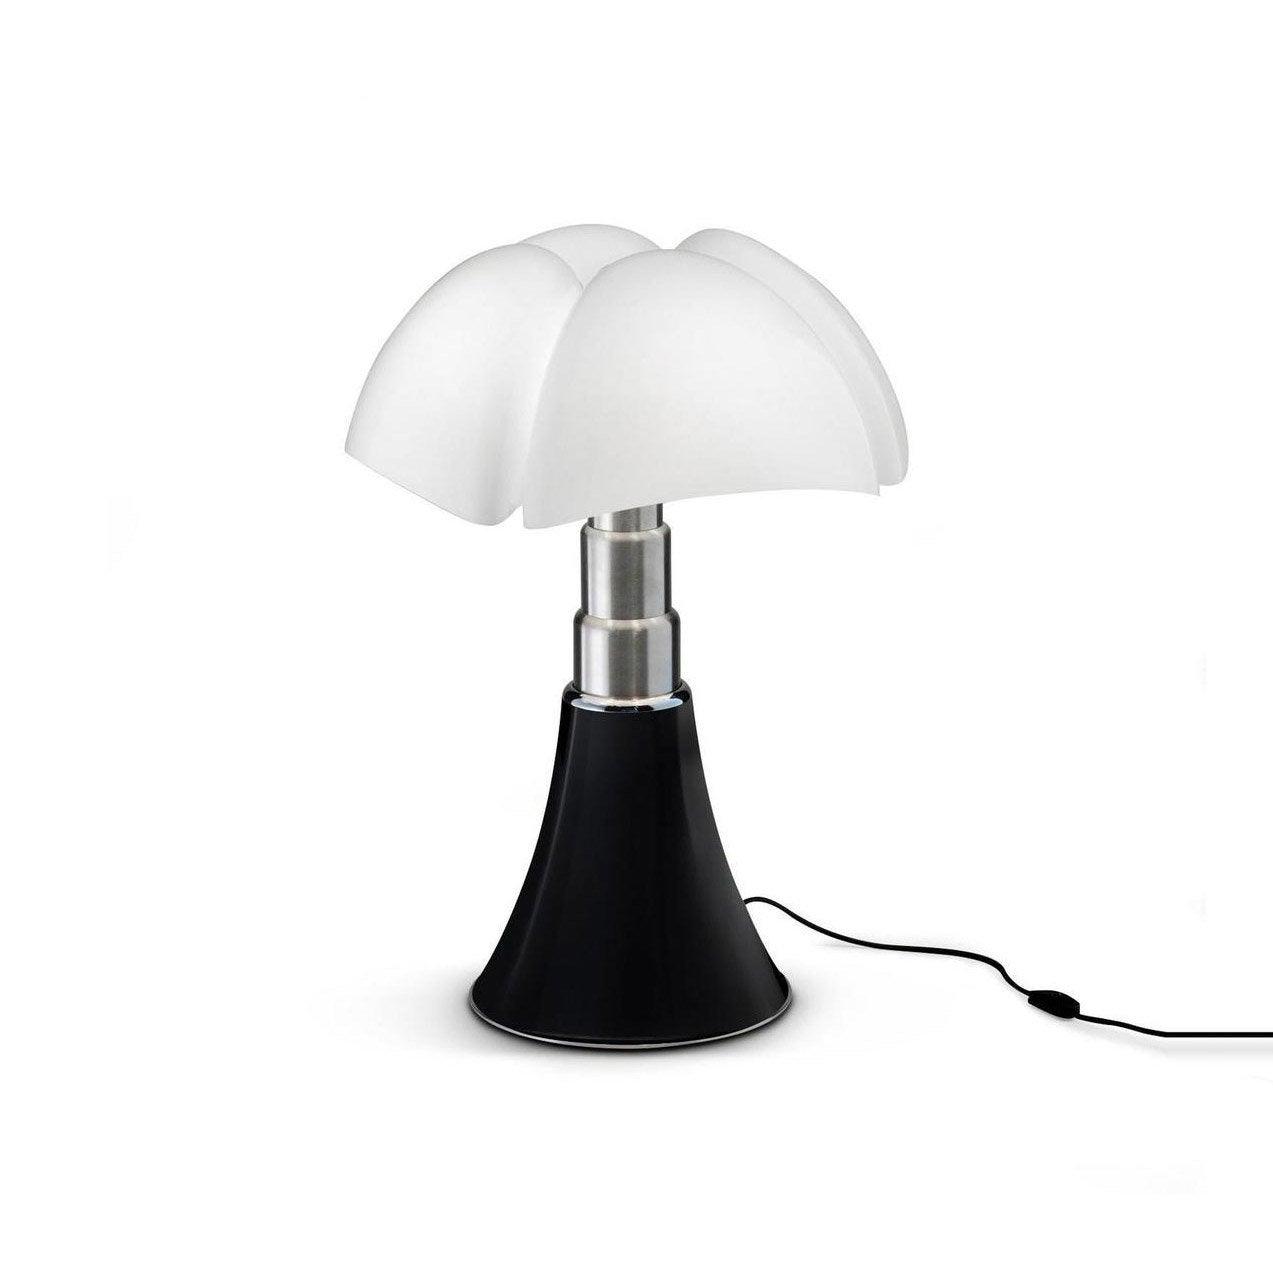 Lampe Poser Leroy Merlin Lampe De Bureau Leroy Merlin Lampe Bureau